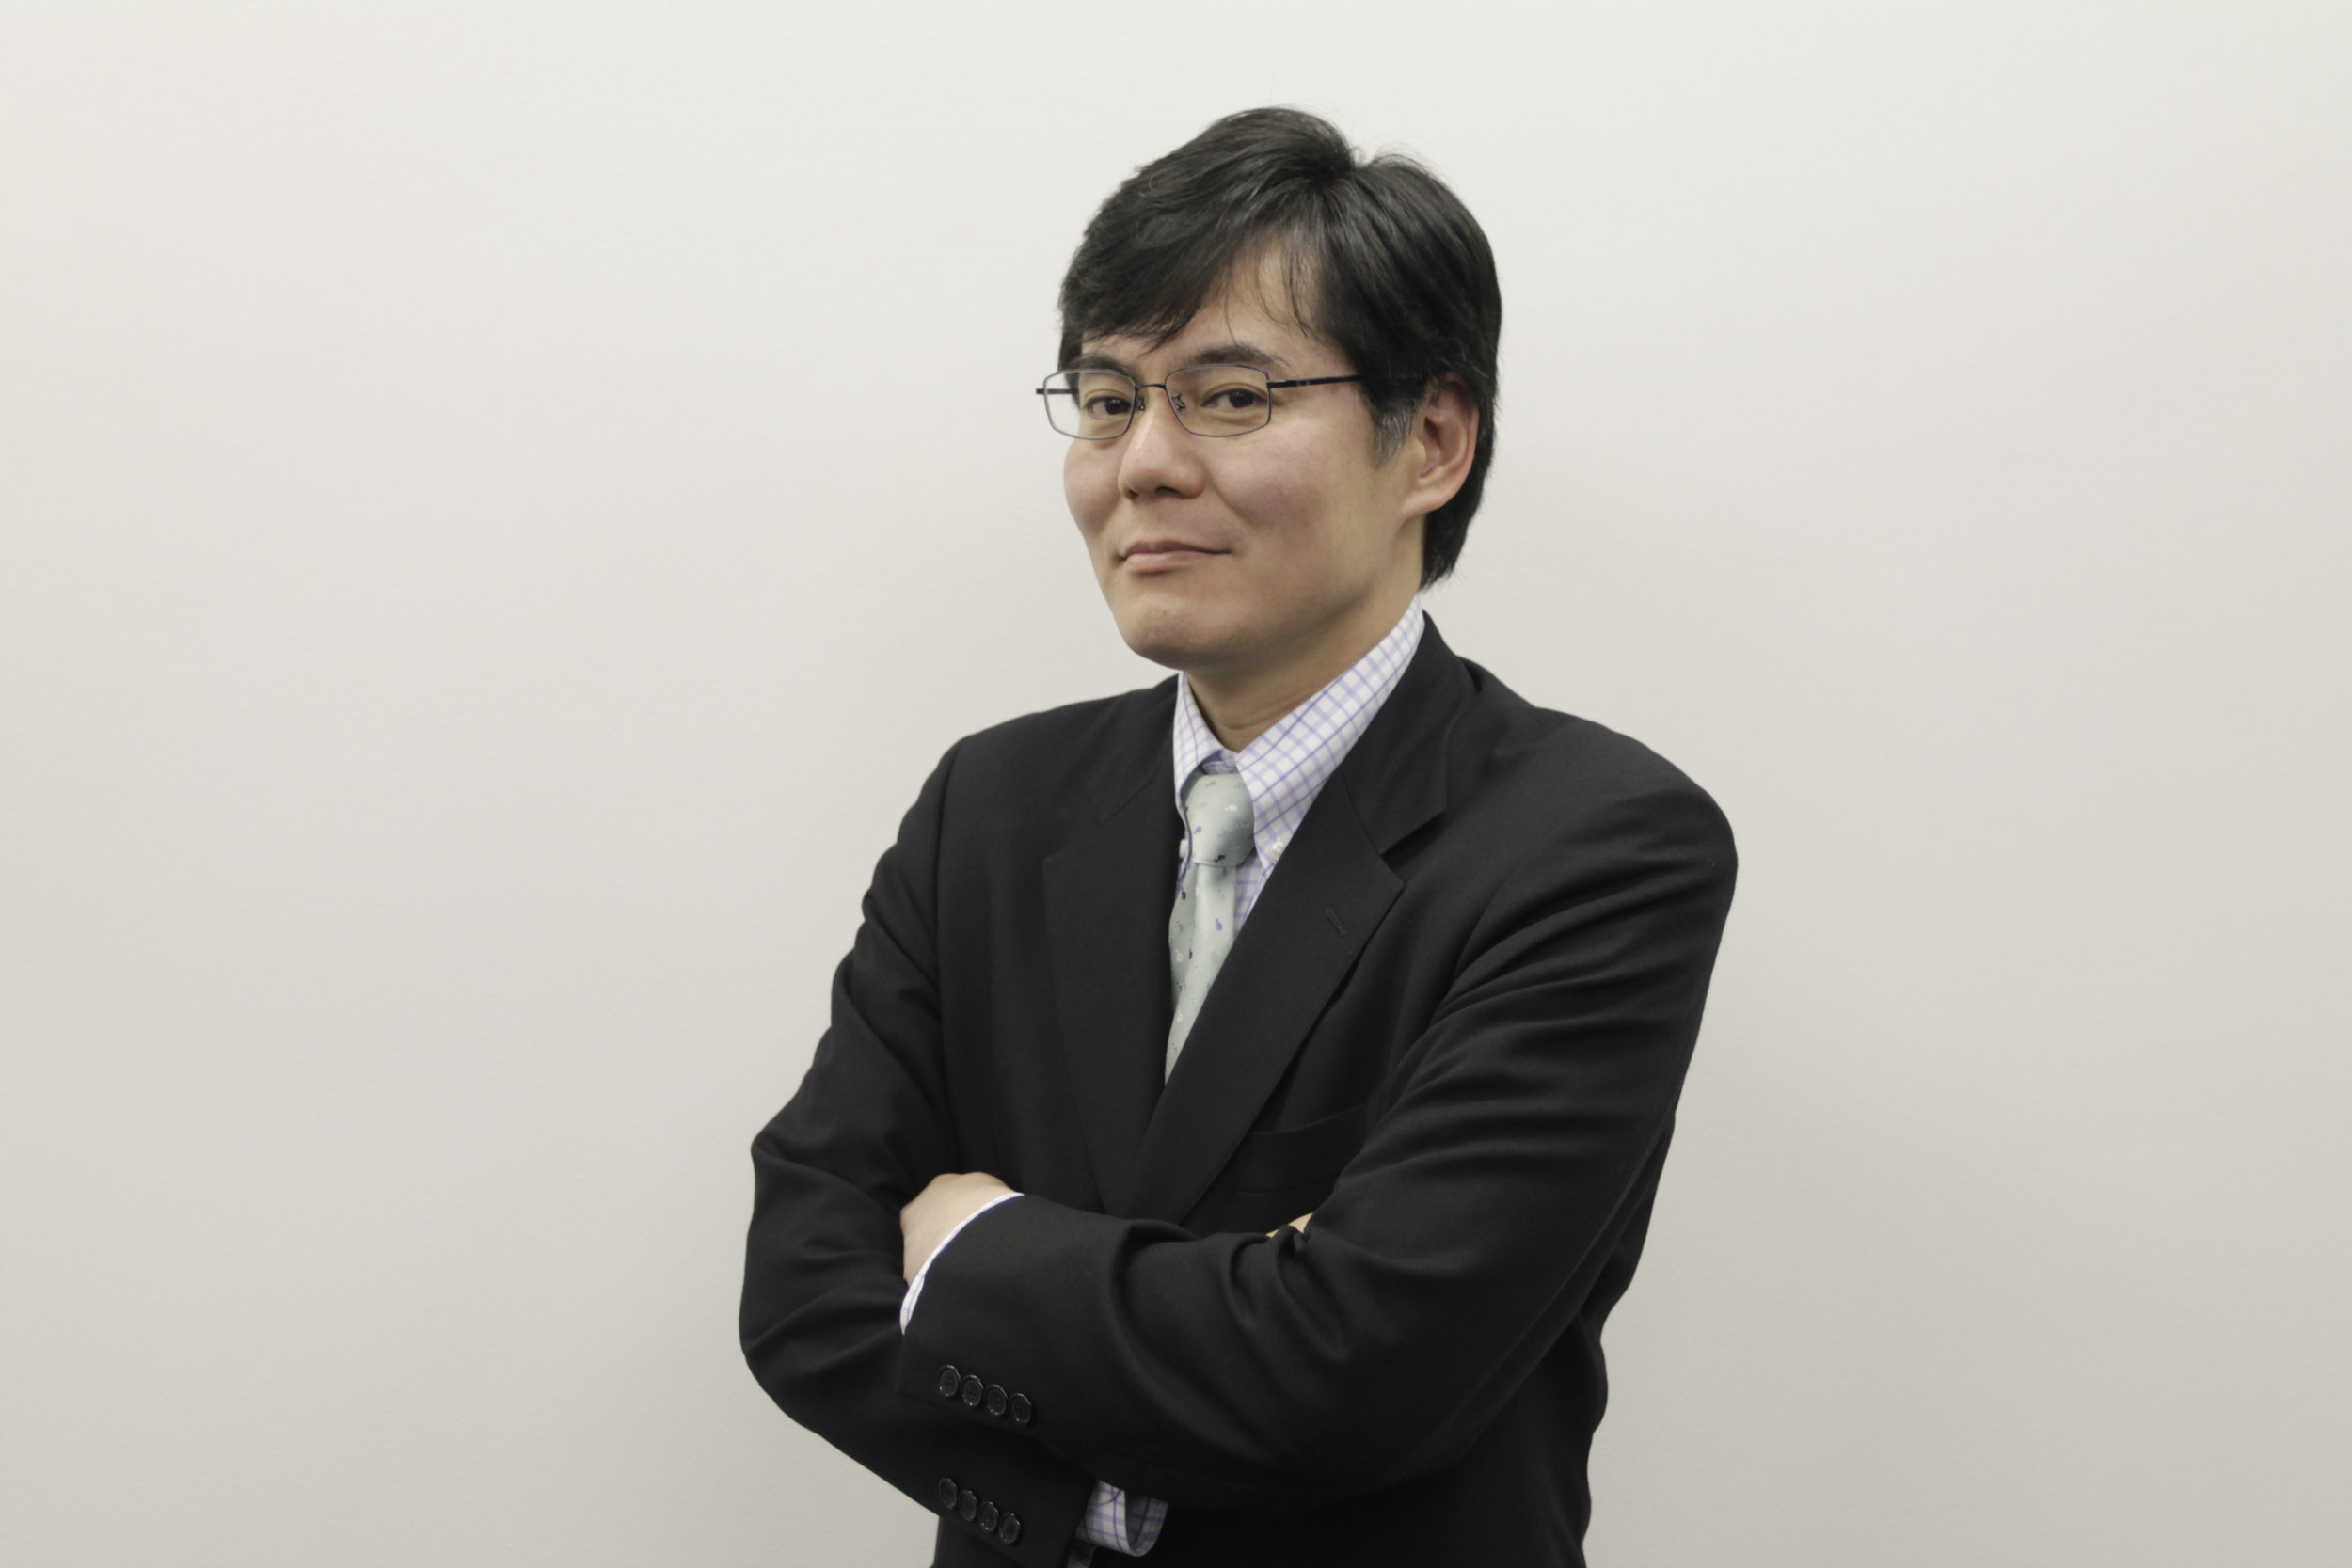 Hisanori Ogawa